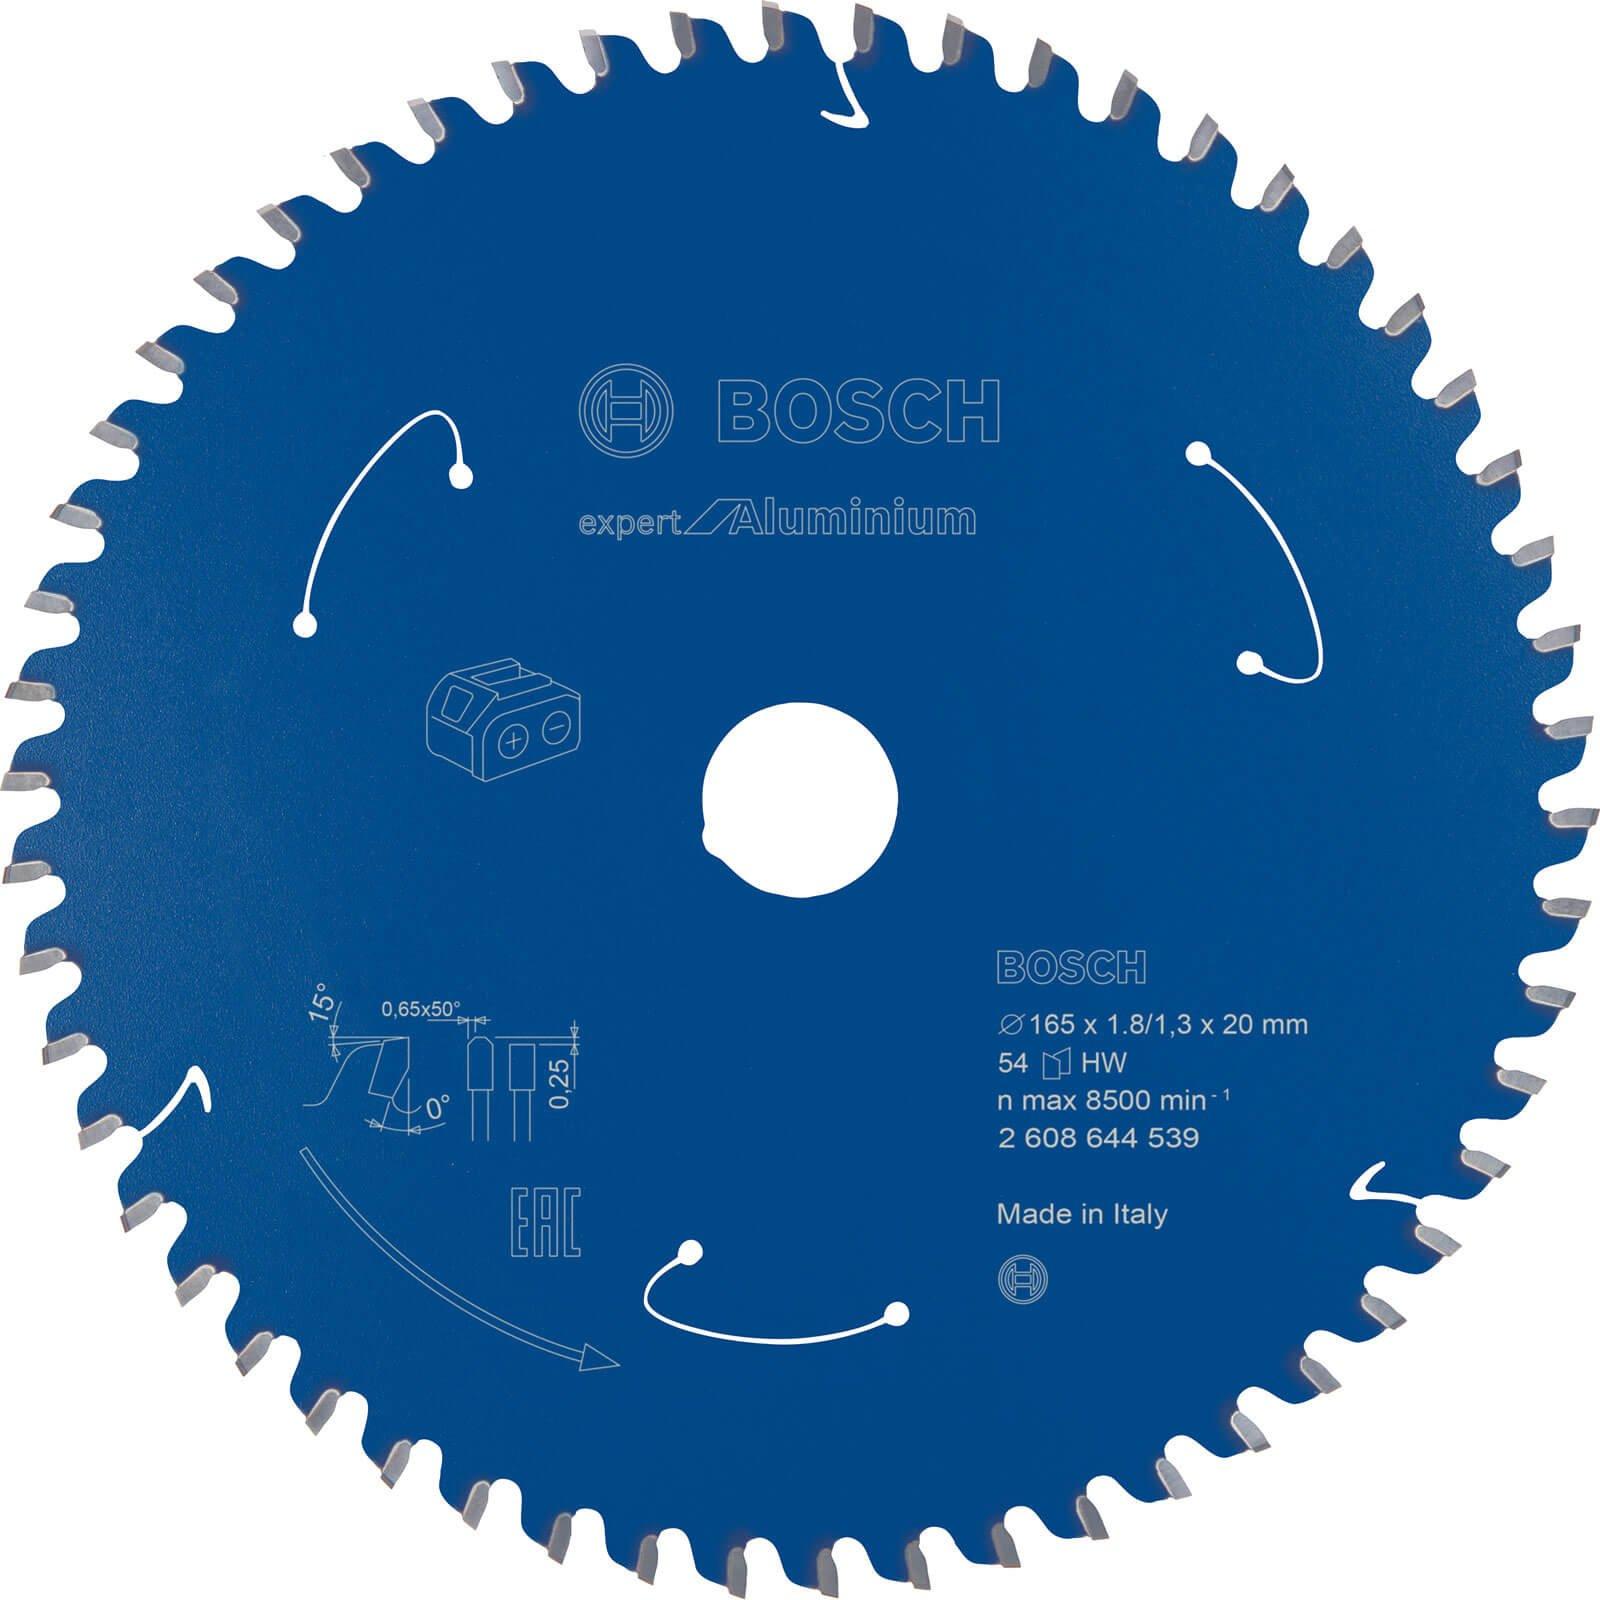 Bosch Expert Cordless Circular Saw Blade for Aluminium 165mm 54T 20mm